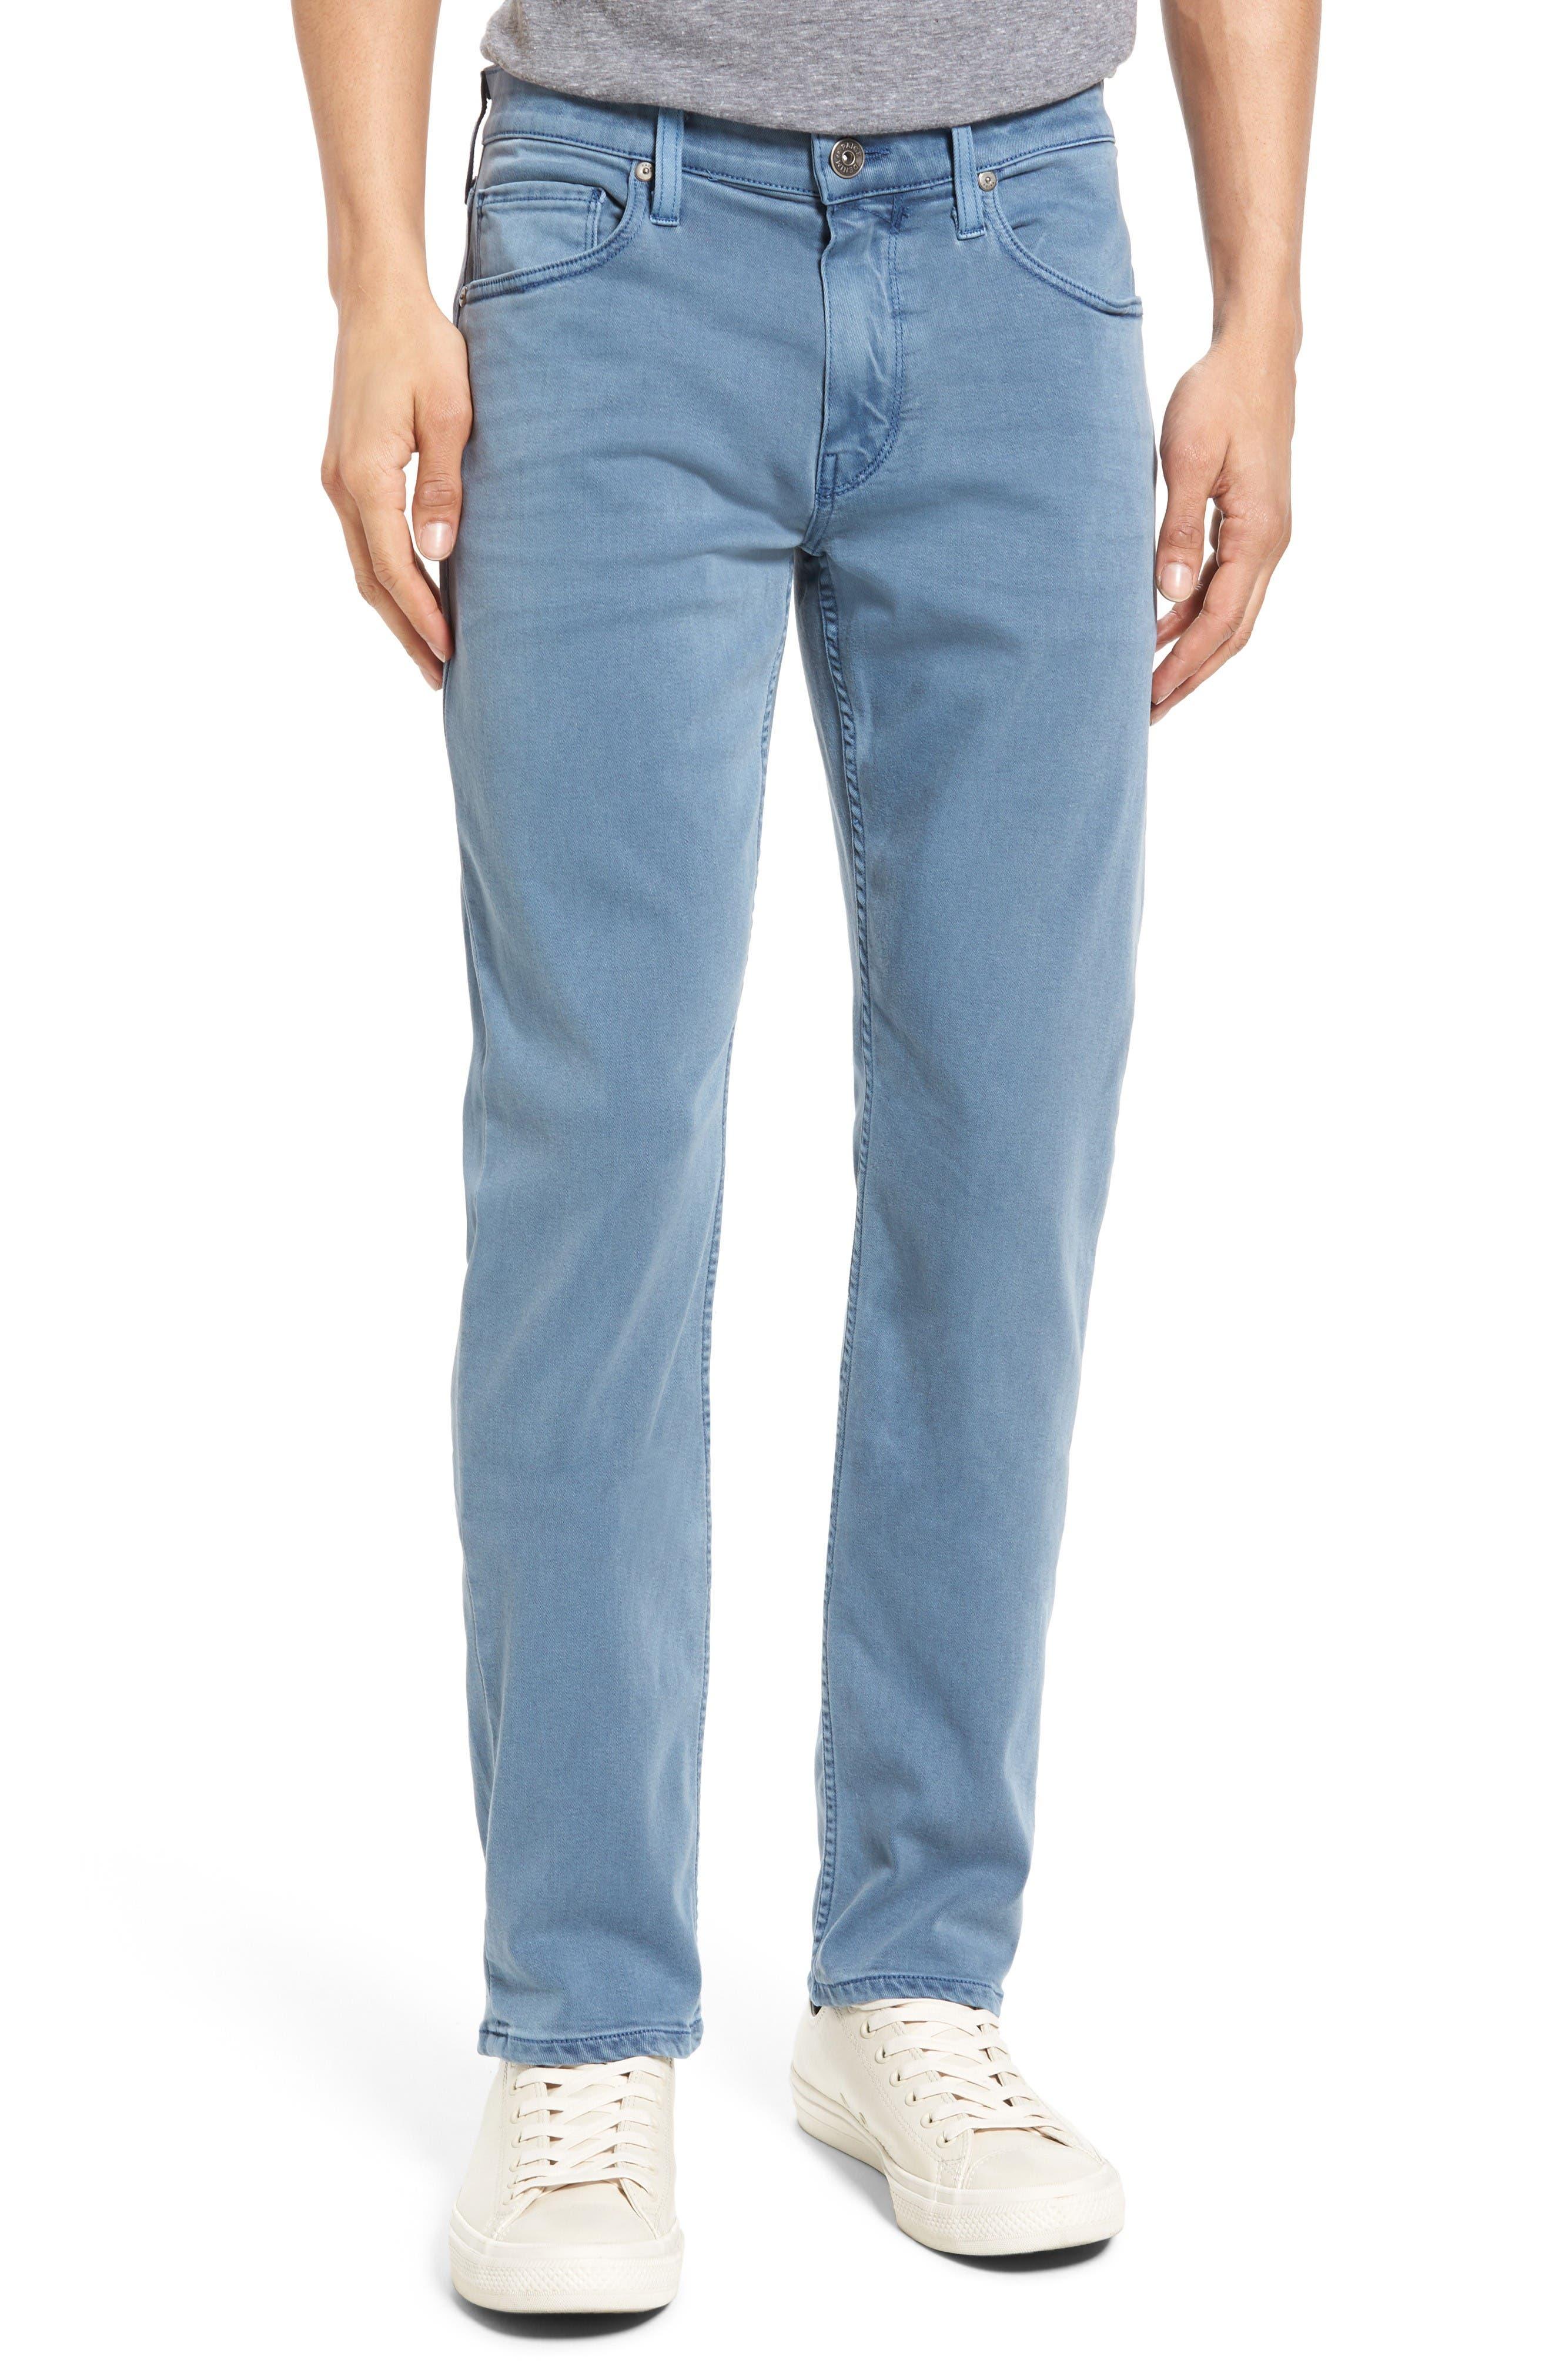 PAIGE Transcend - Lennox Slim Fit Jeans (Seascape)